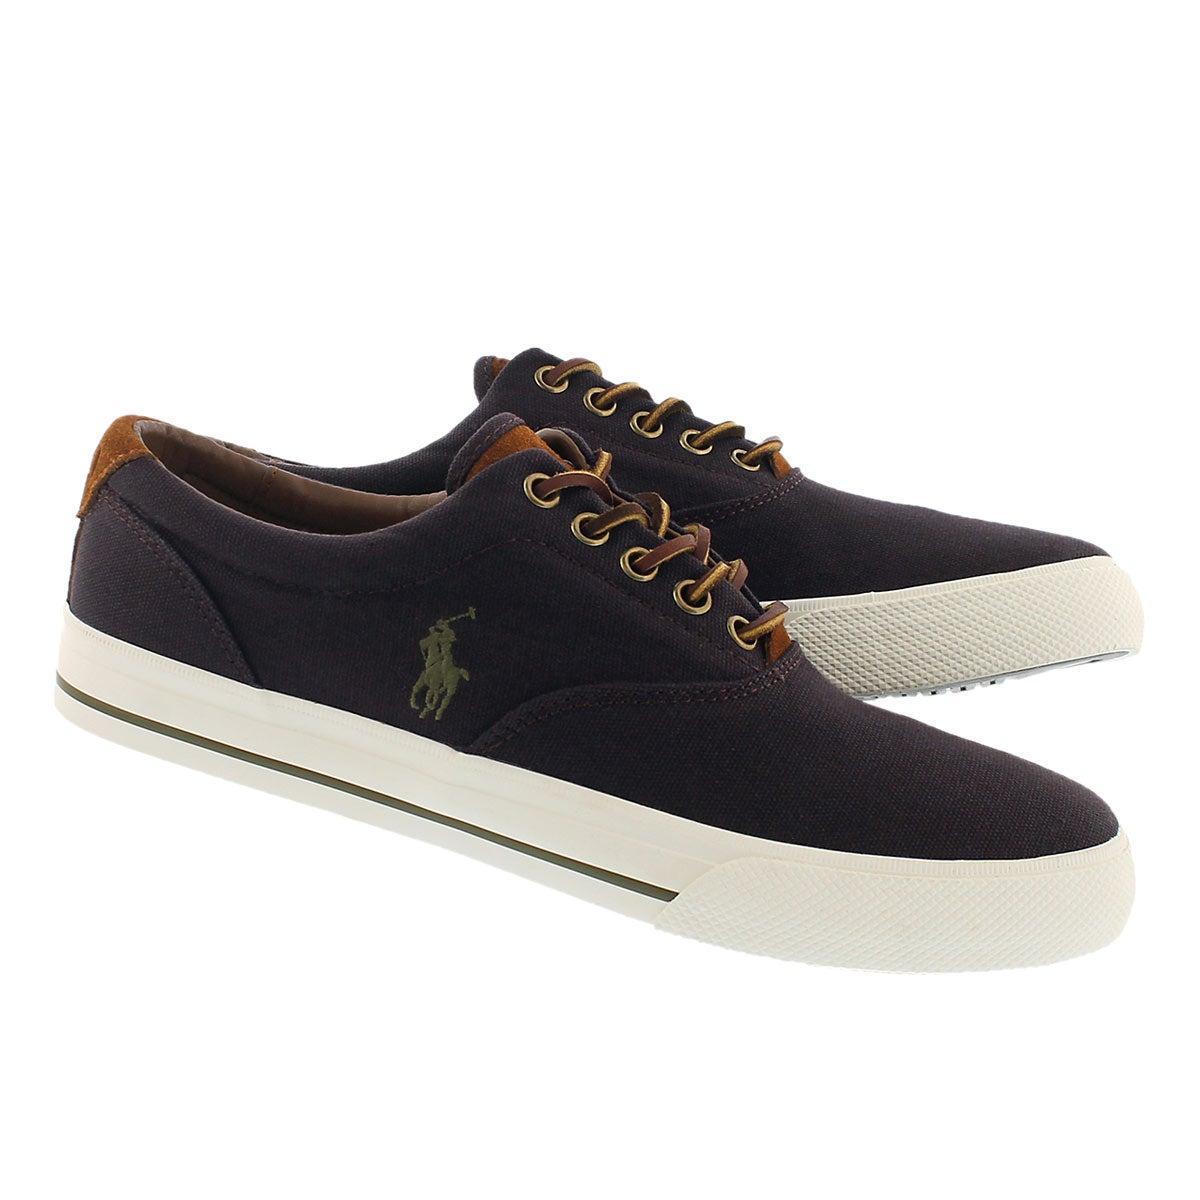 Mns Vaughn fall plum cnvs/sde sneaker